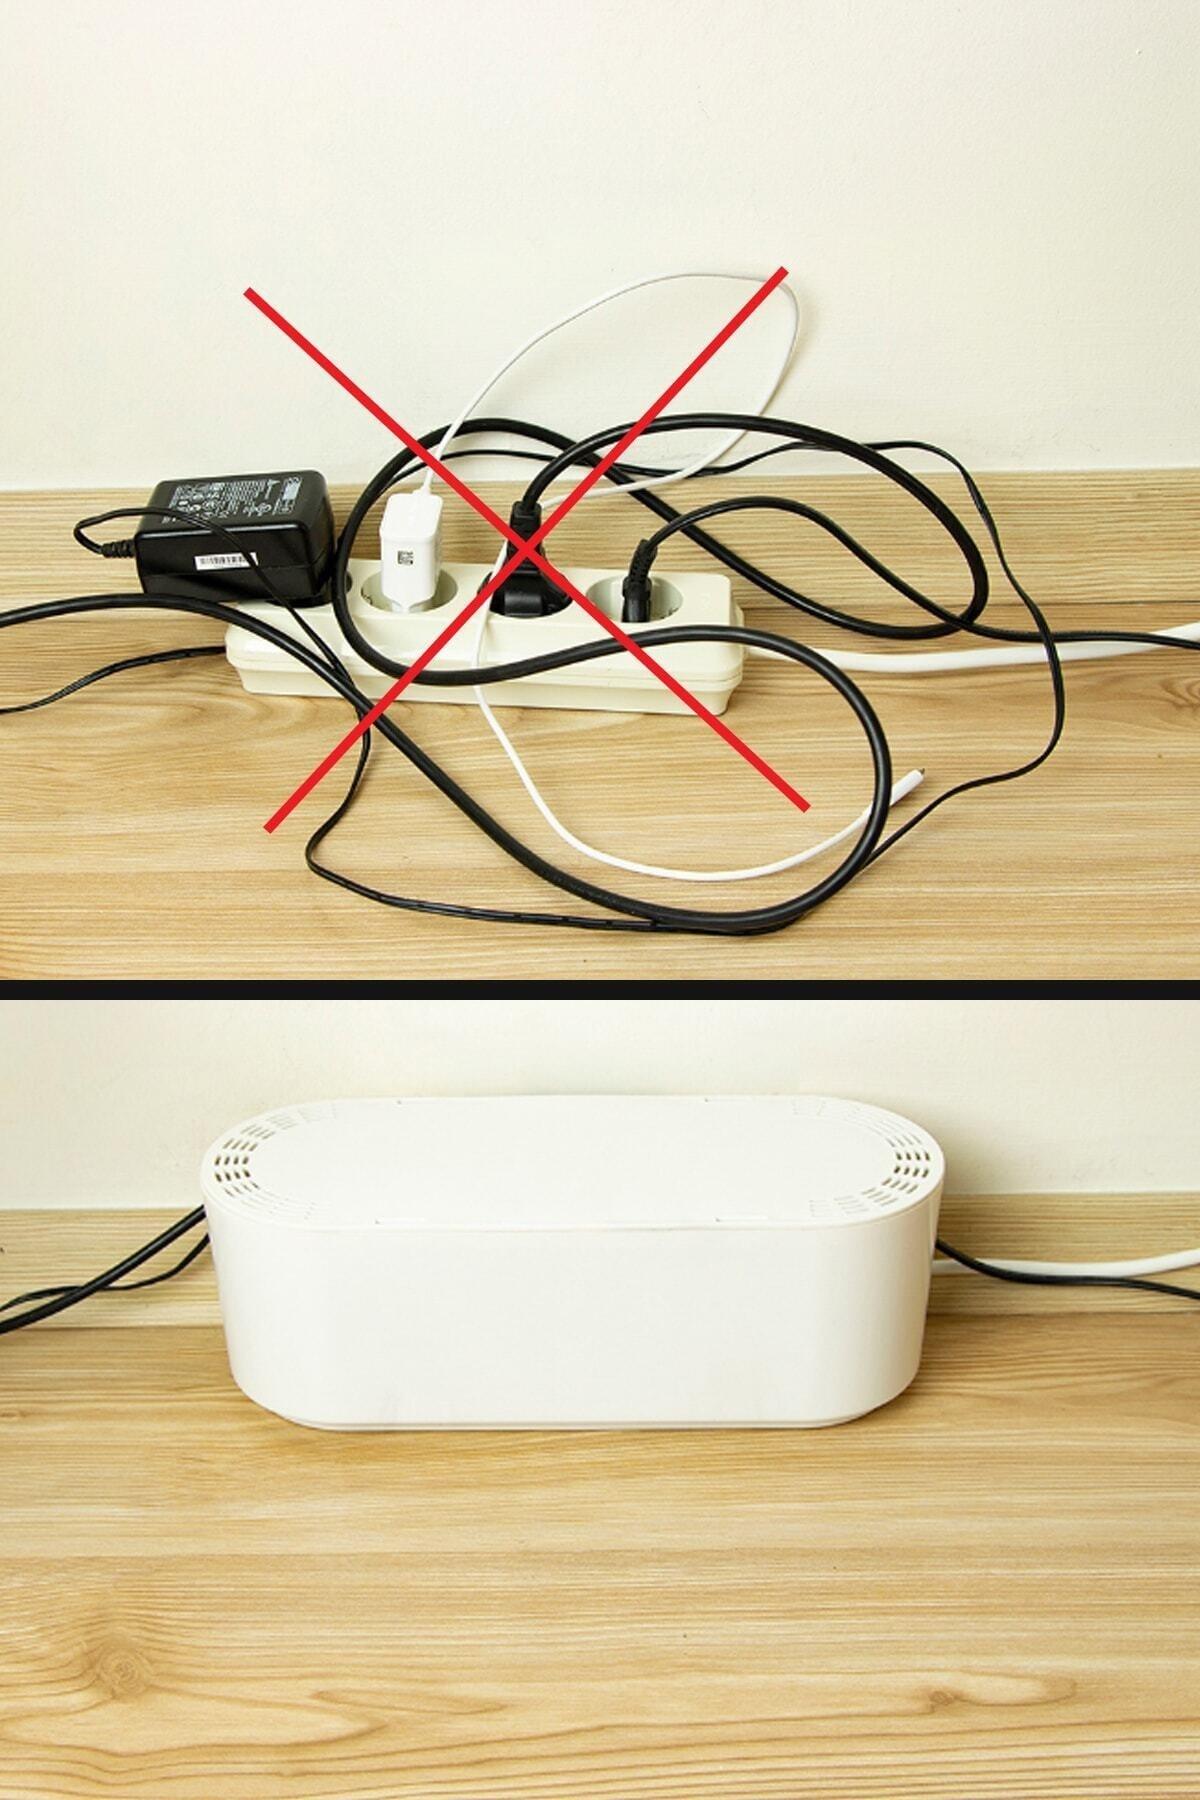 Органайзер для кабеля, домашние Органайзеры